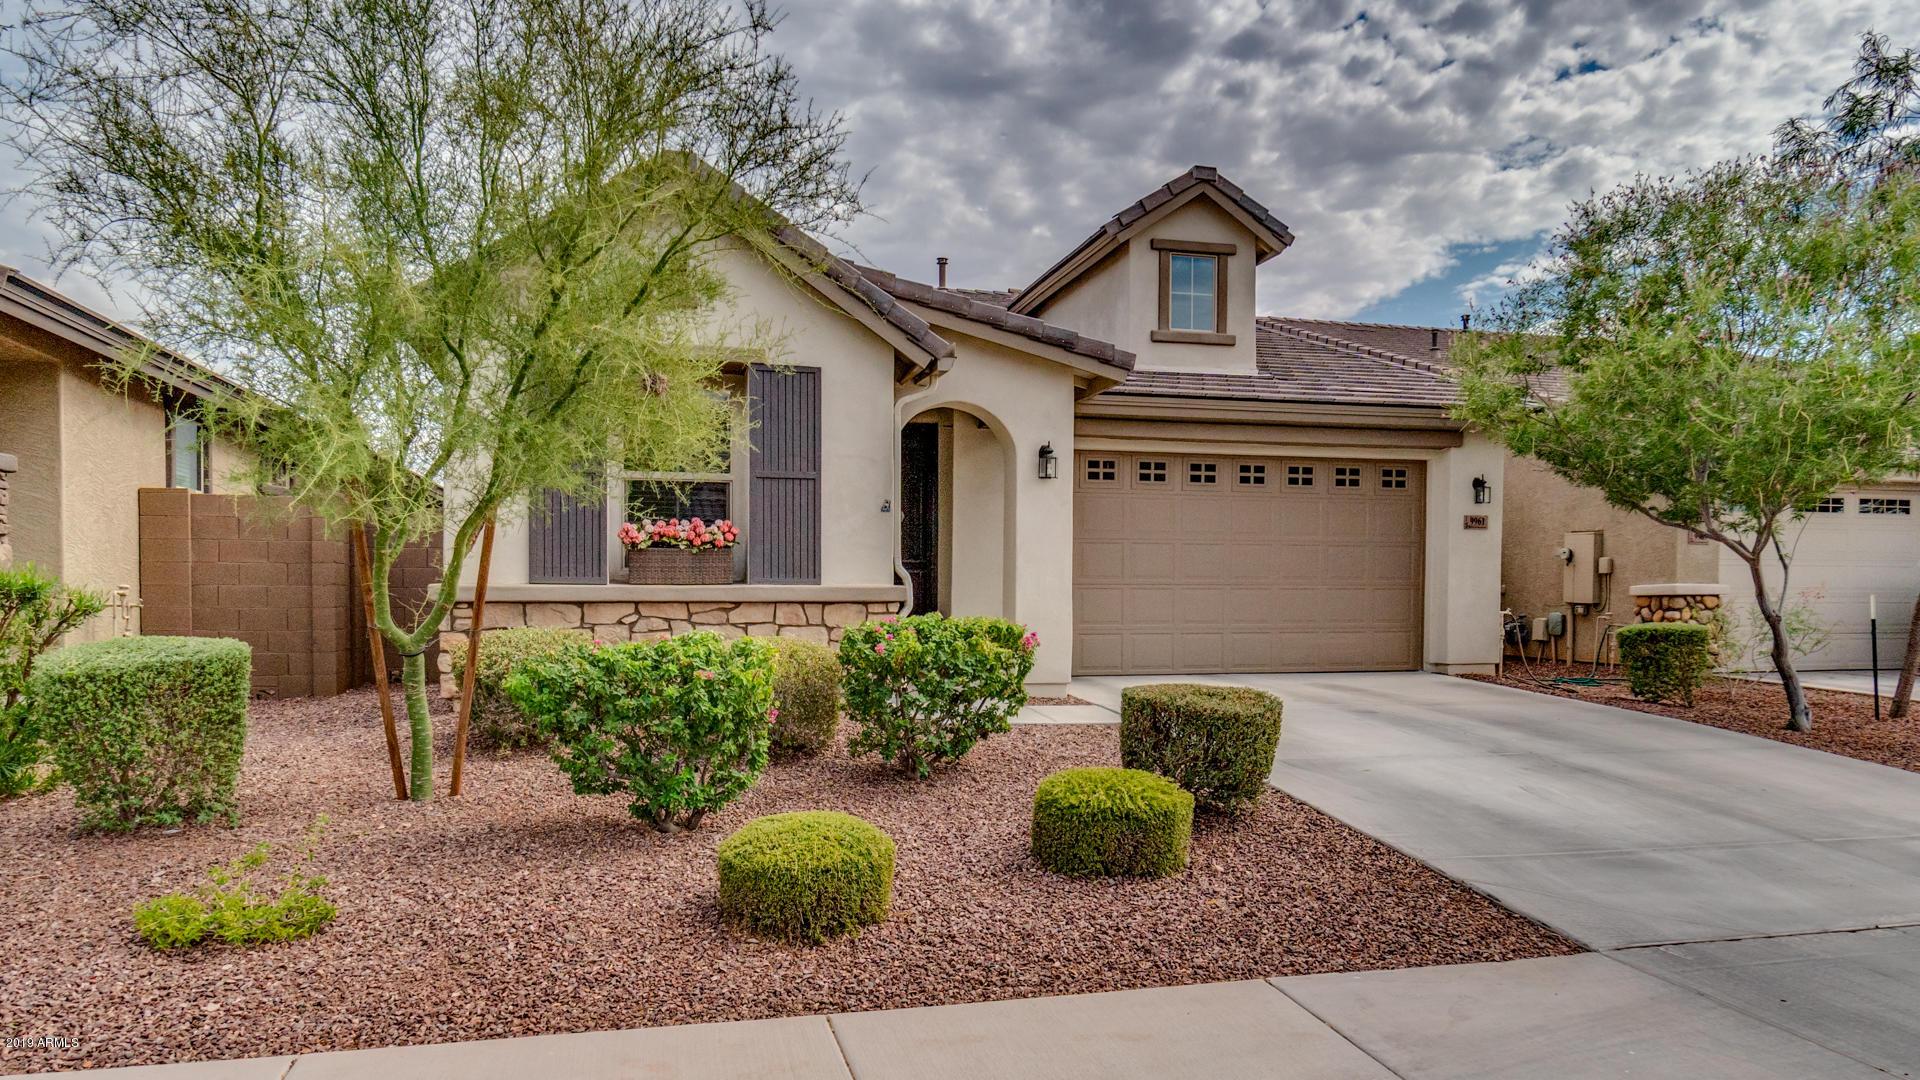 9961 W VIA DEL SOL --, Peoria in Maricopa County, AZ 85383 Home for Sale